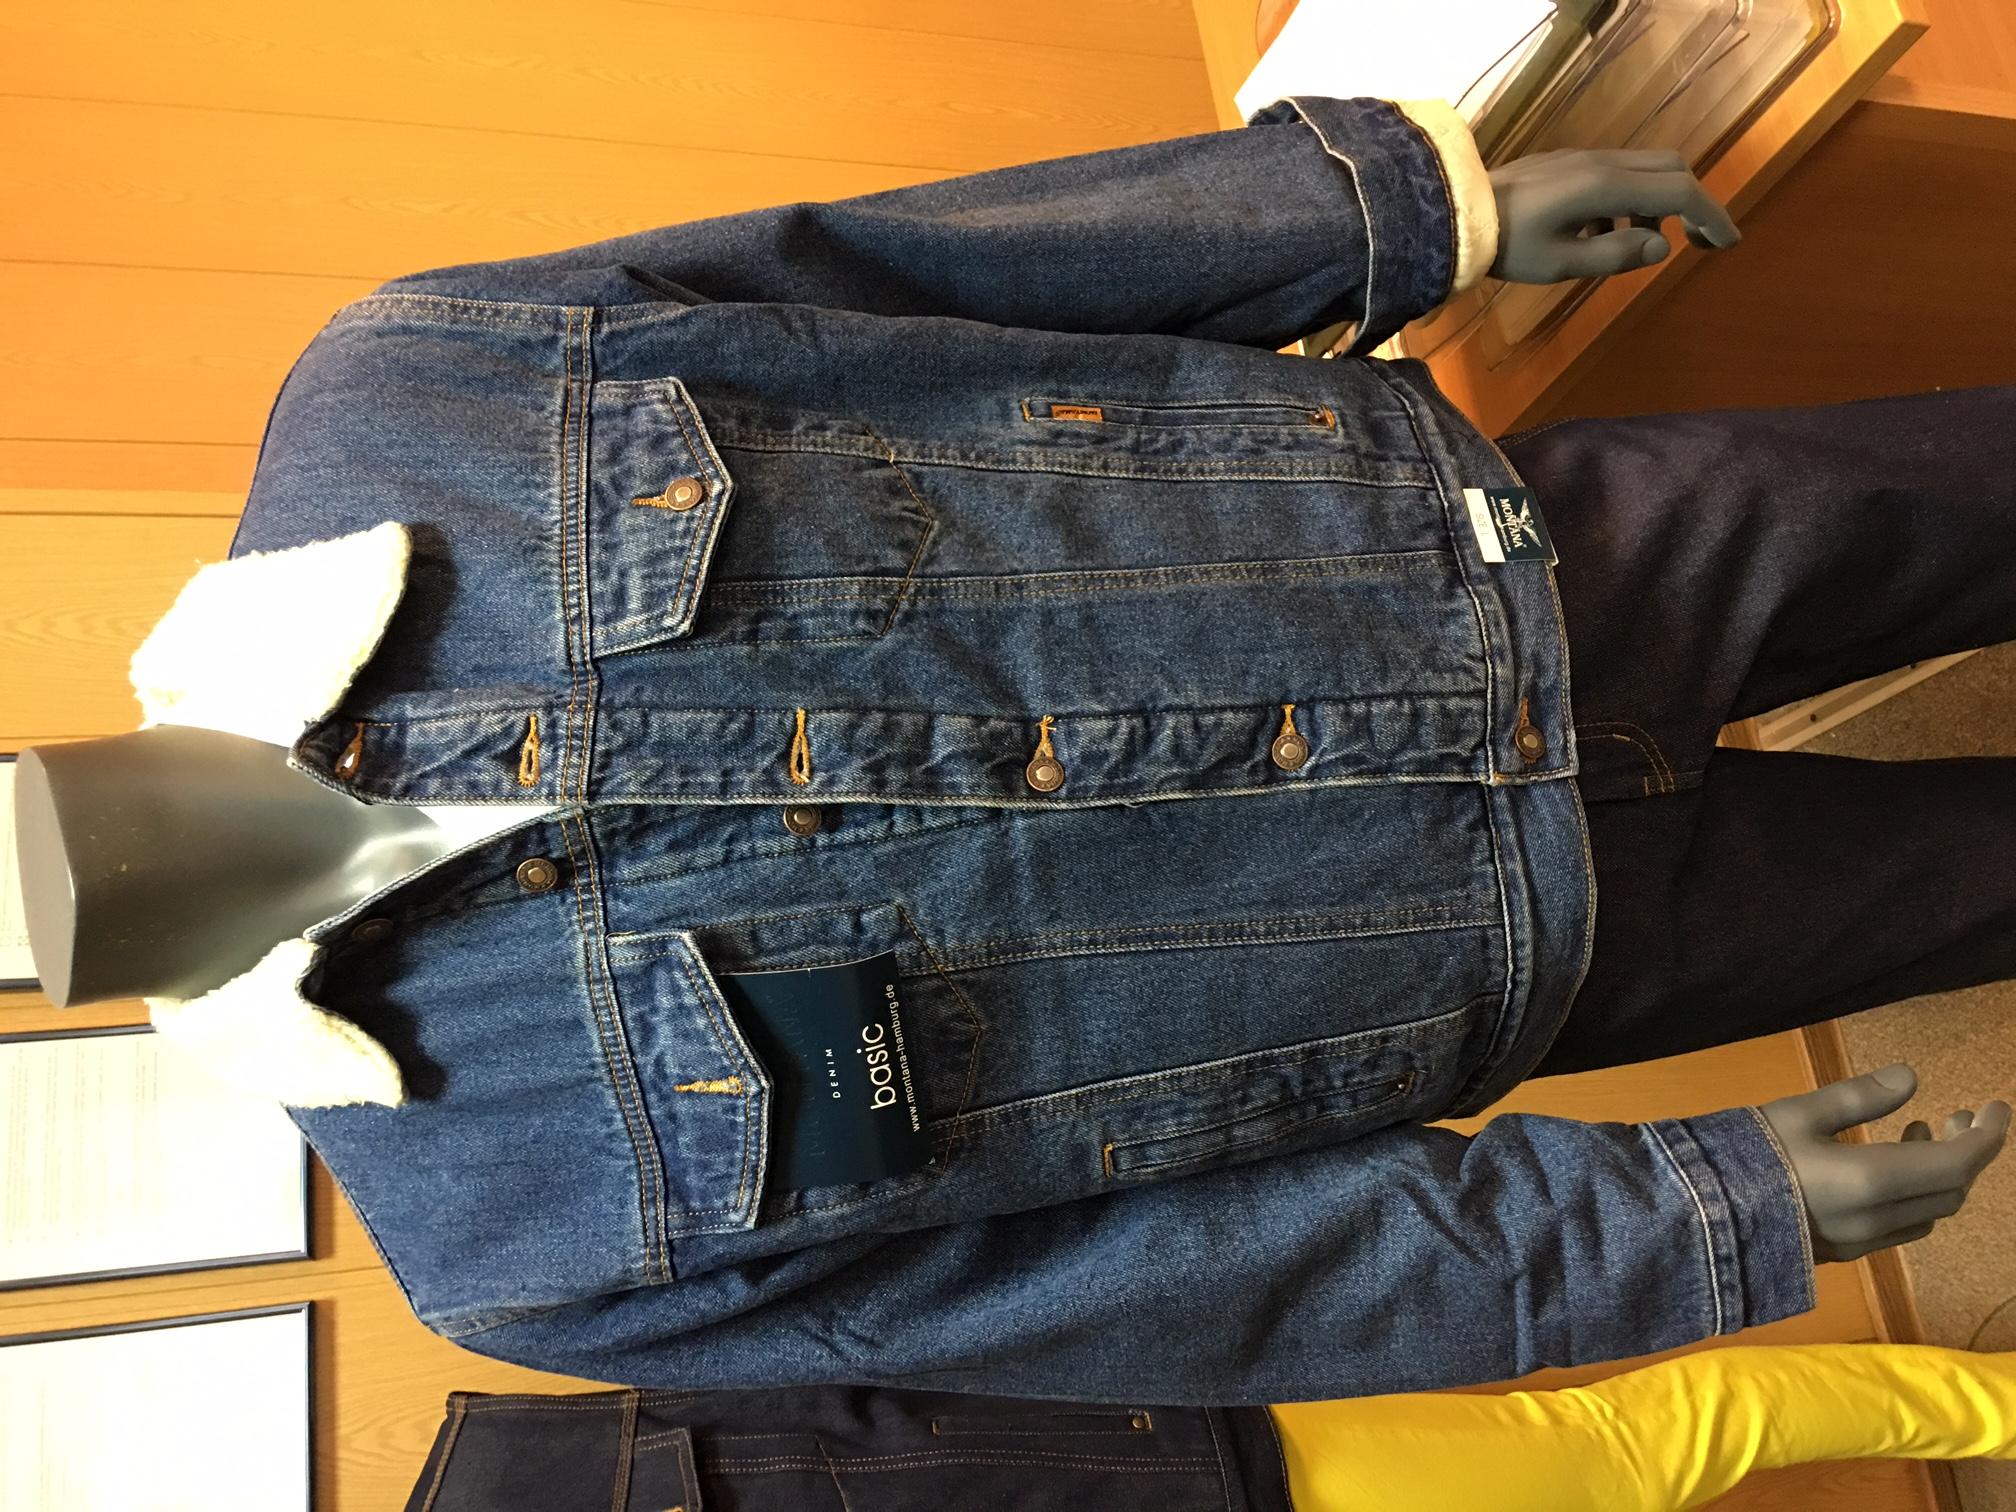 Cбор заказов. Те самые легендарные неумираемые джинсы Монтана-24. Галерея.Без рядов